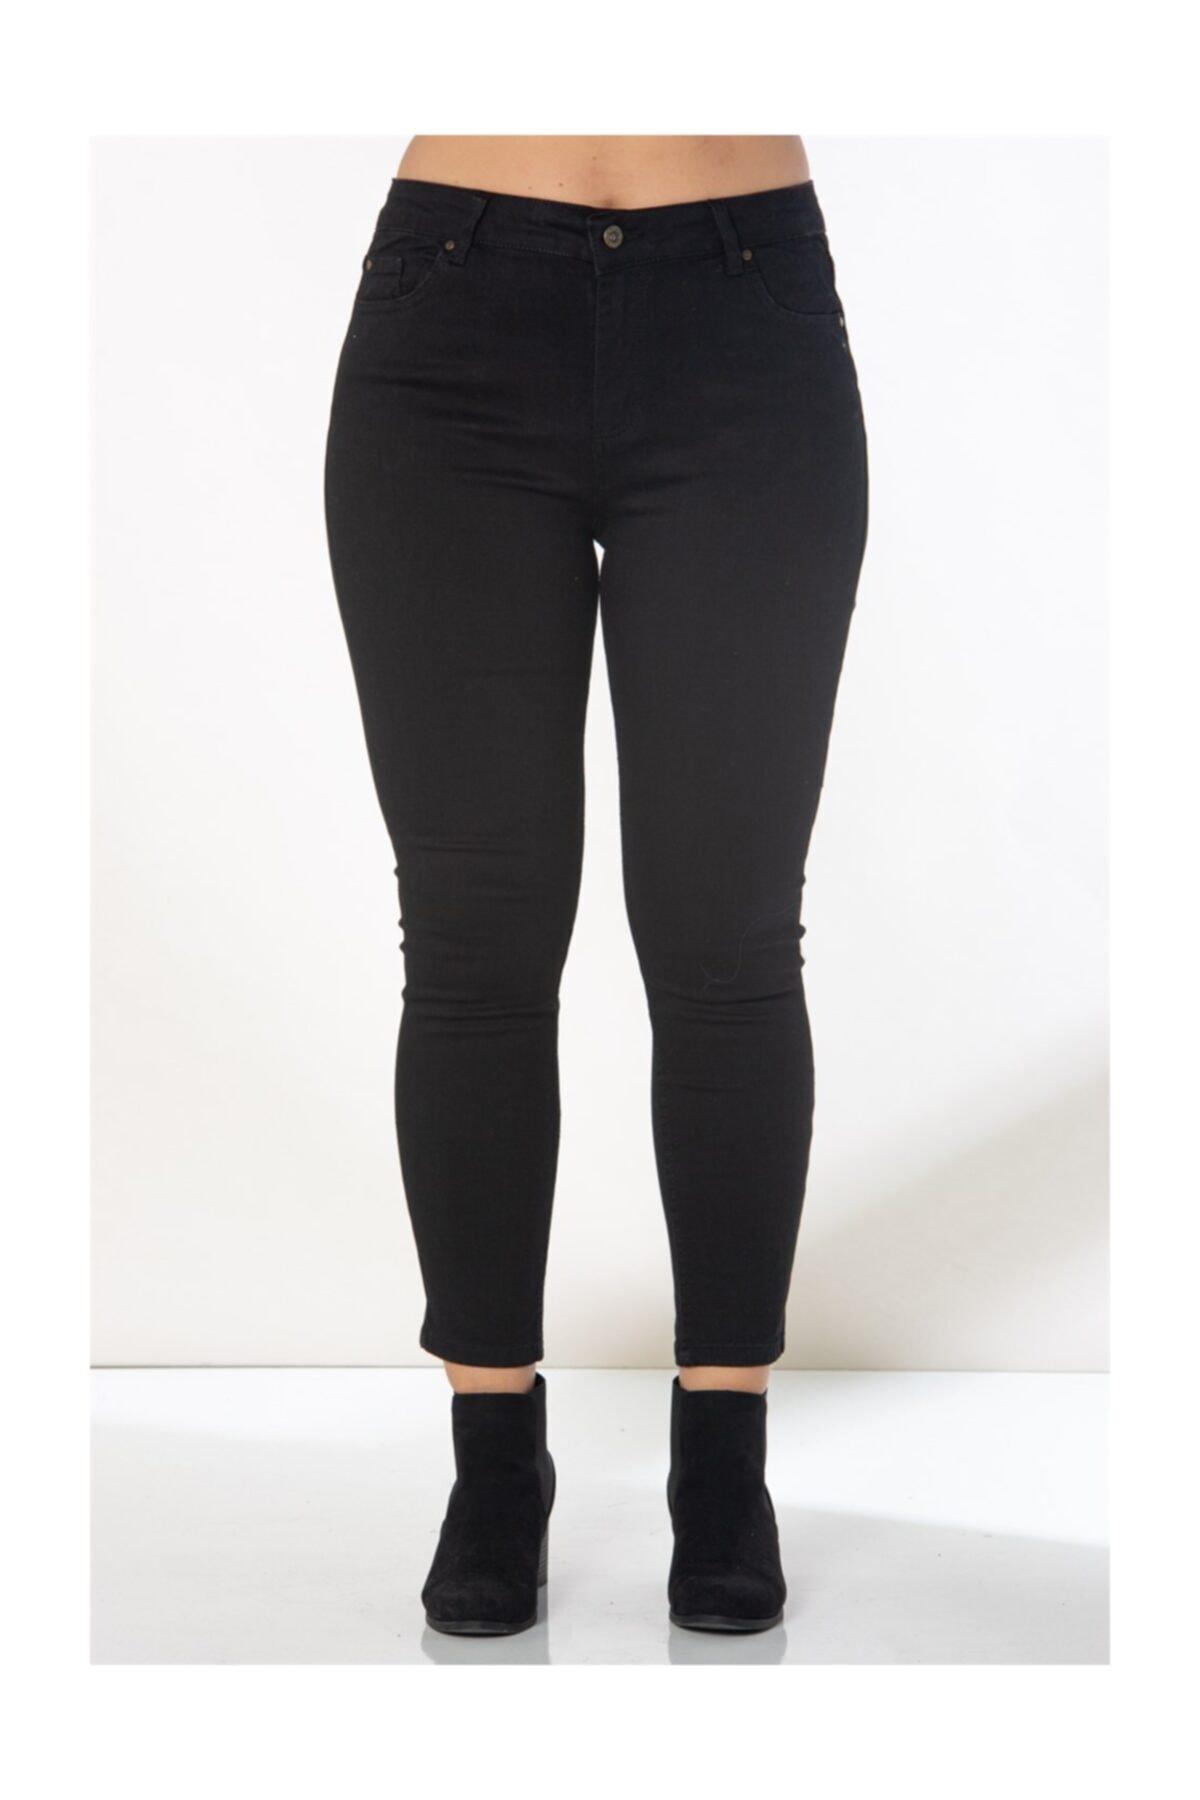 RMG Kadın Siyah Kot Pantolon 1465 1